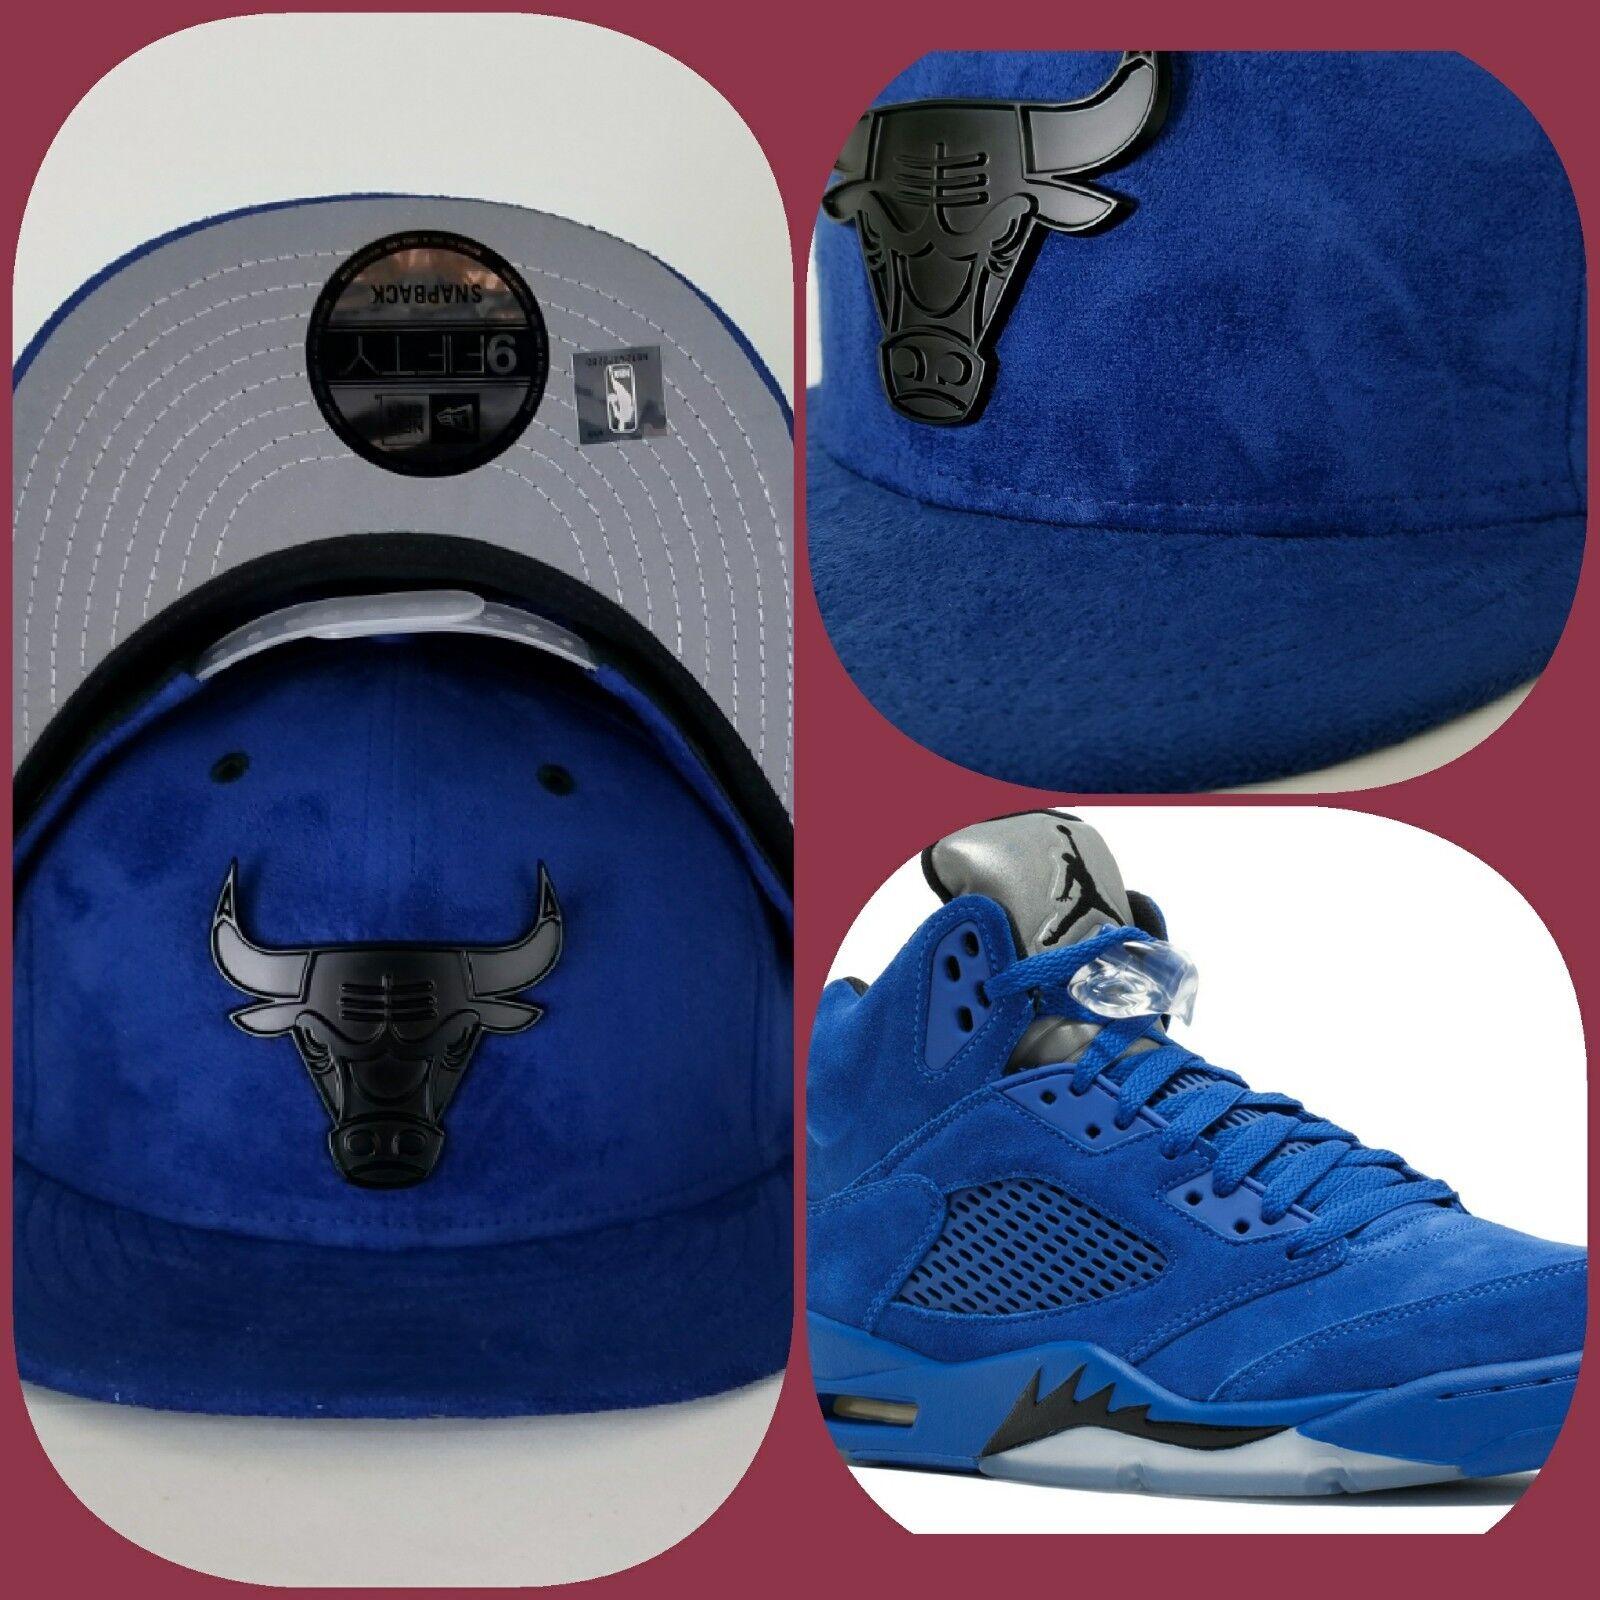 best sneakers c19ec 3ae63 Details about New Era Suede Chicago Bulls Black Metal snapback hat Jordan 5  Royal Blue Suede